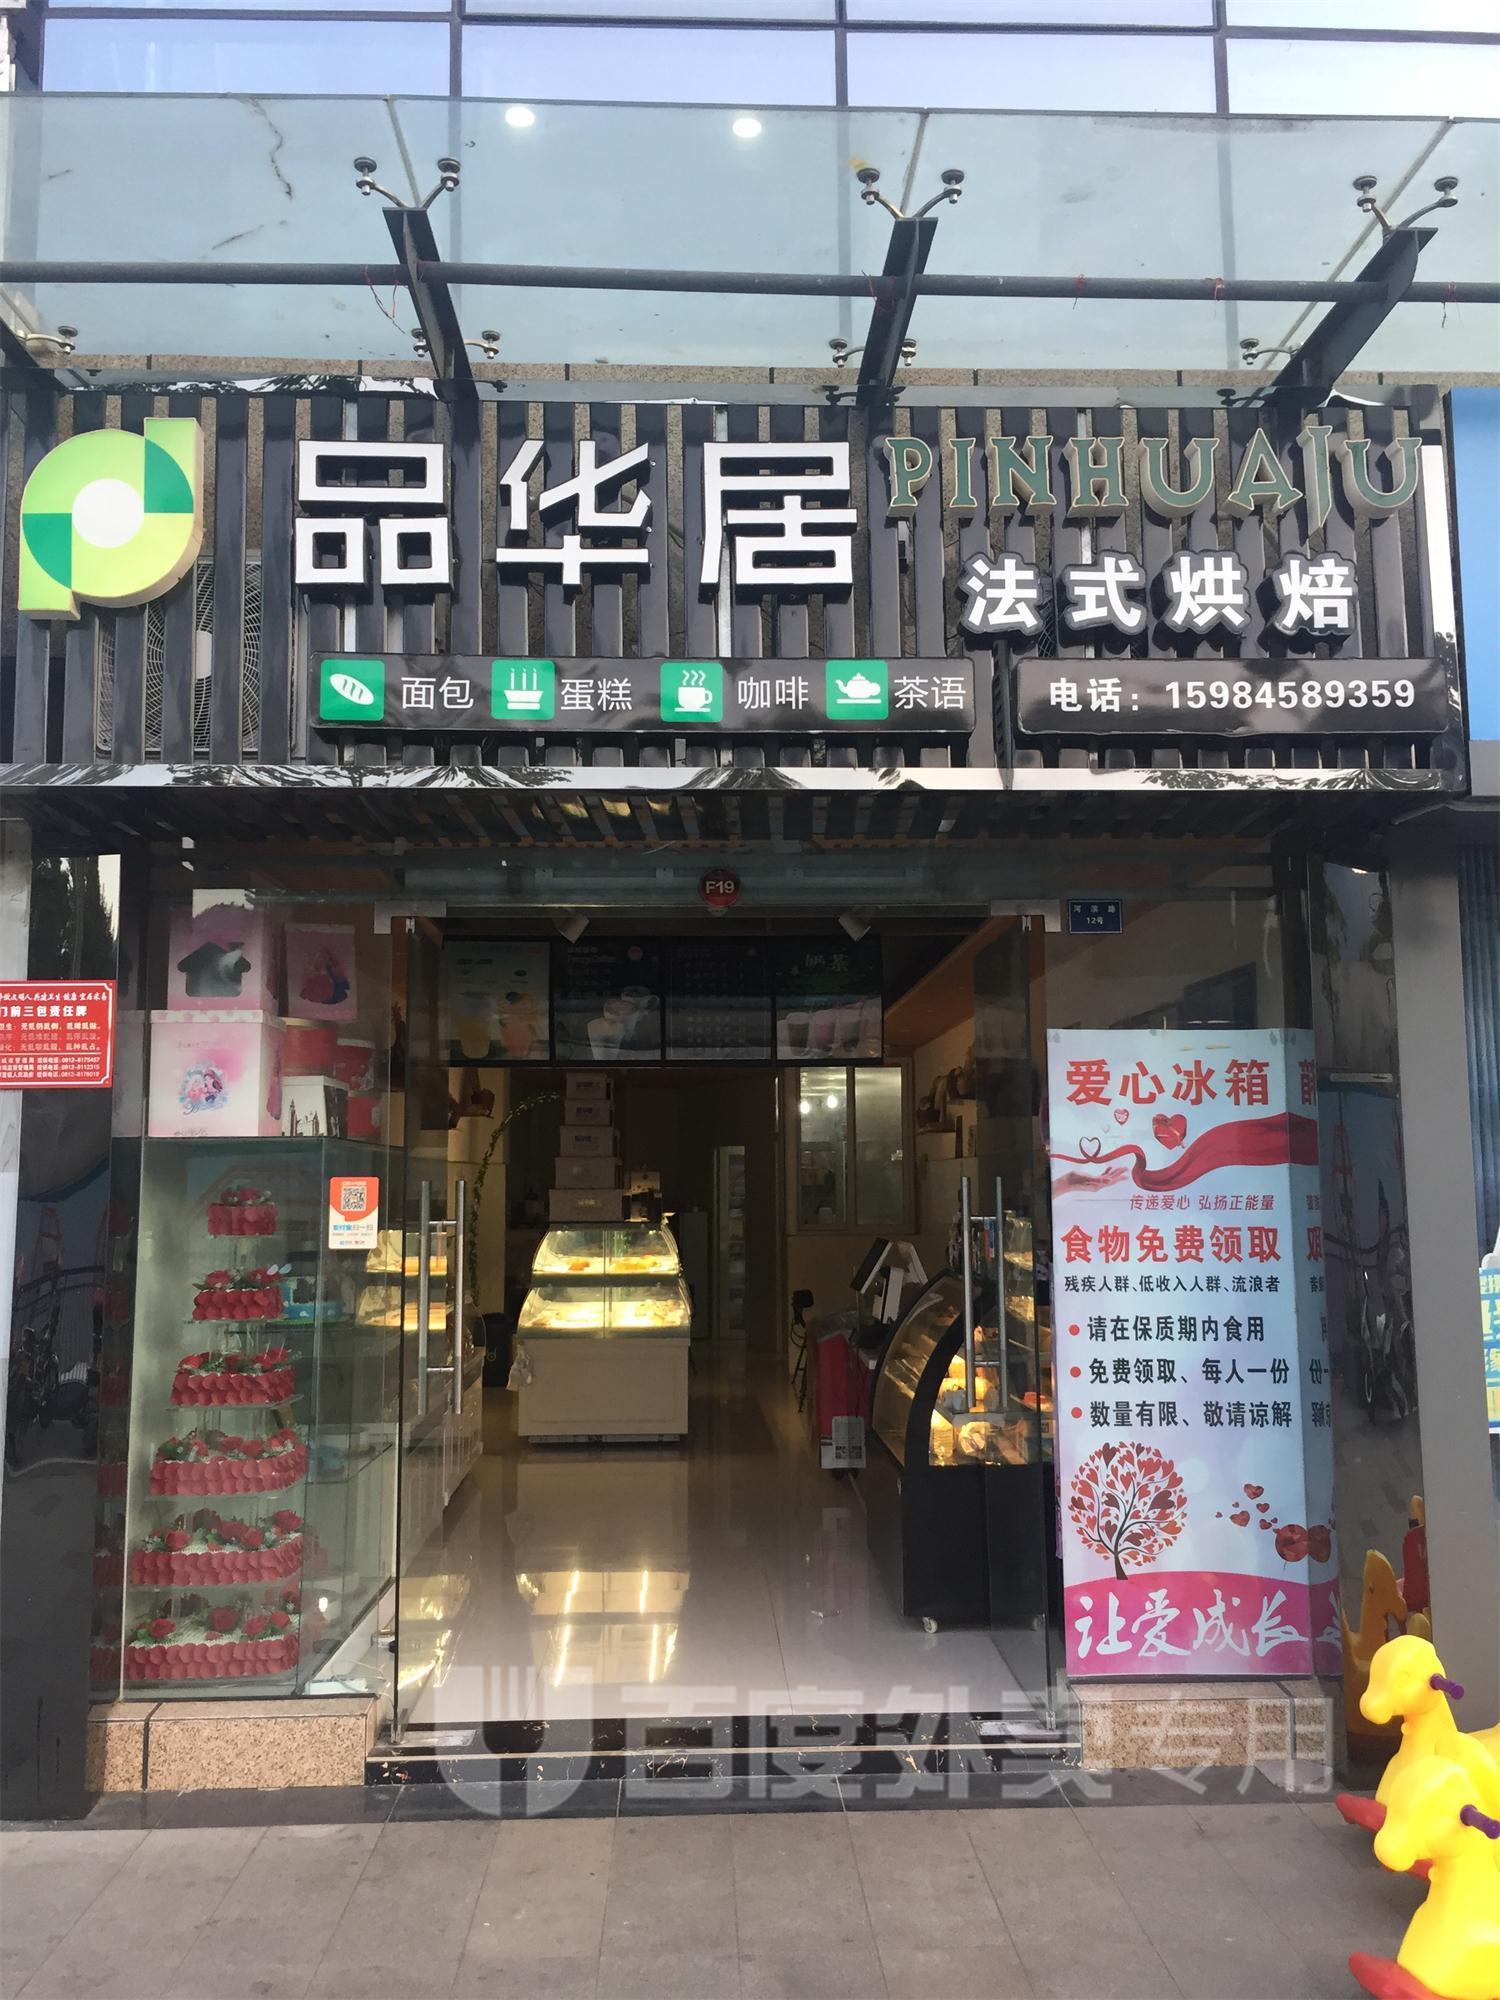 品华居法式烘焙(河滨路店)图片